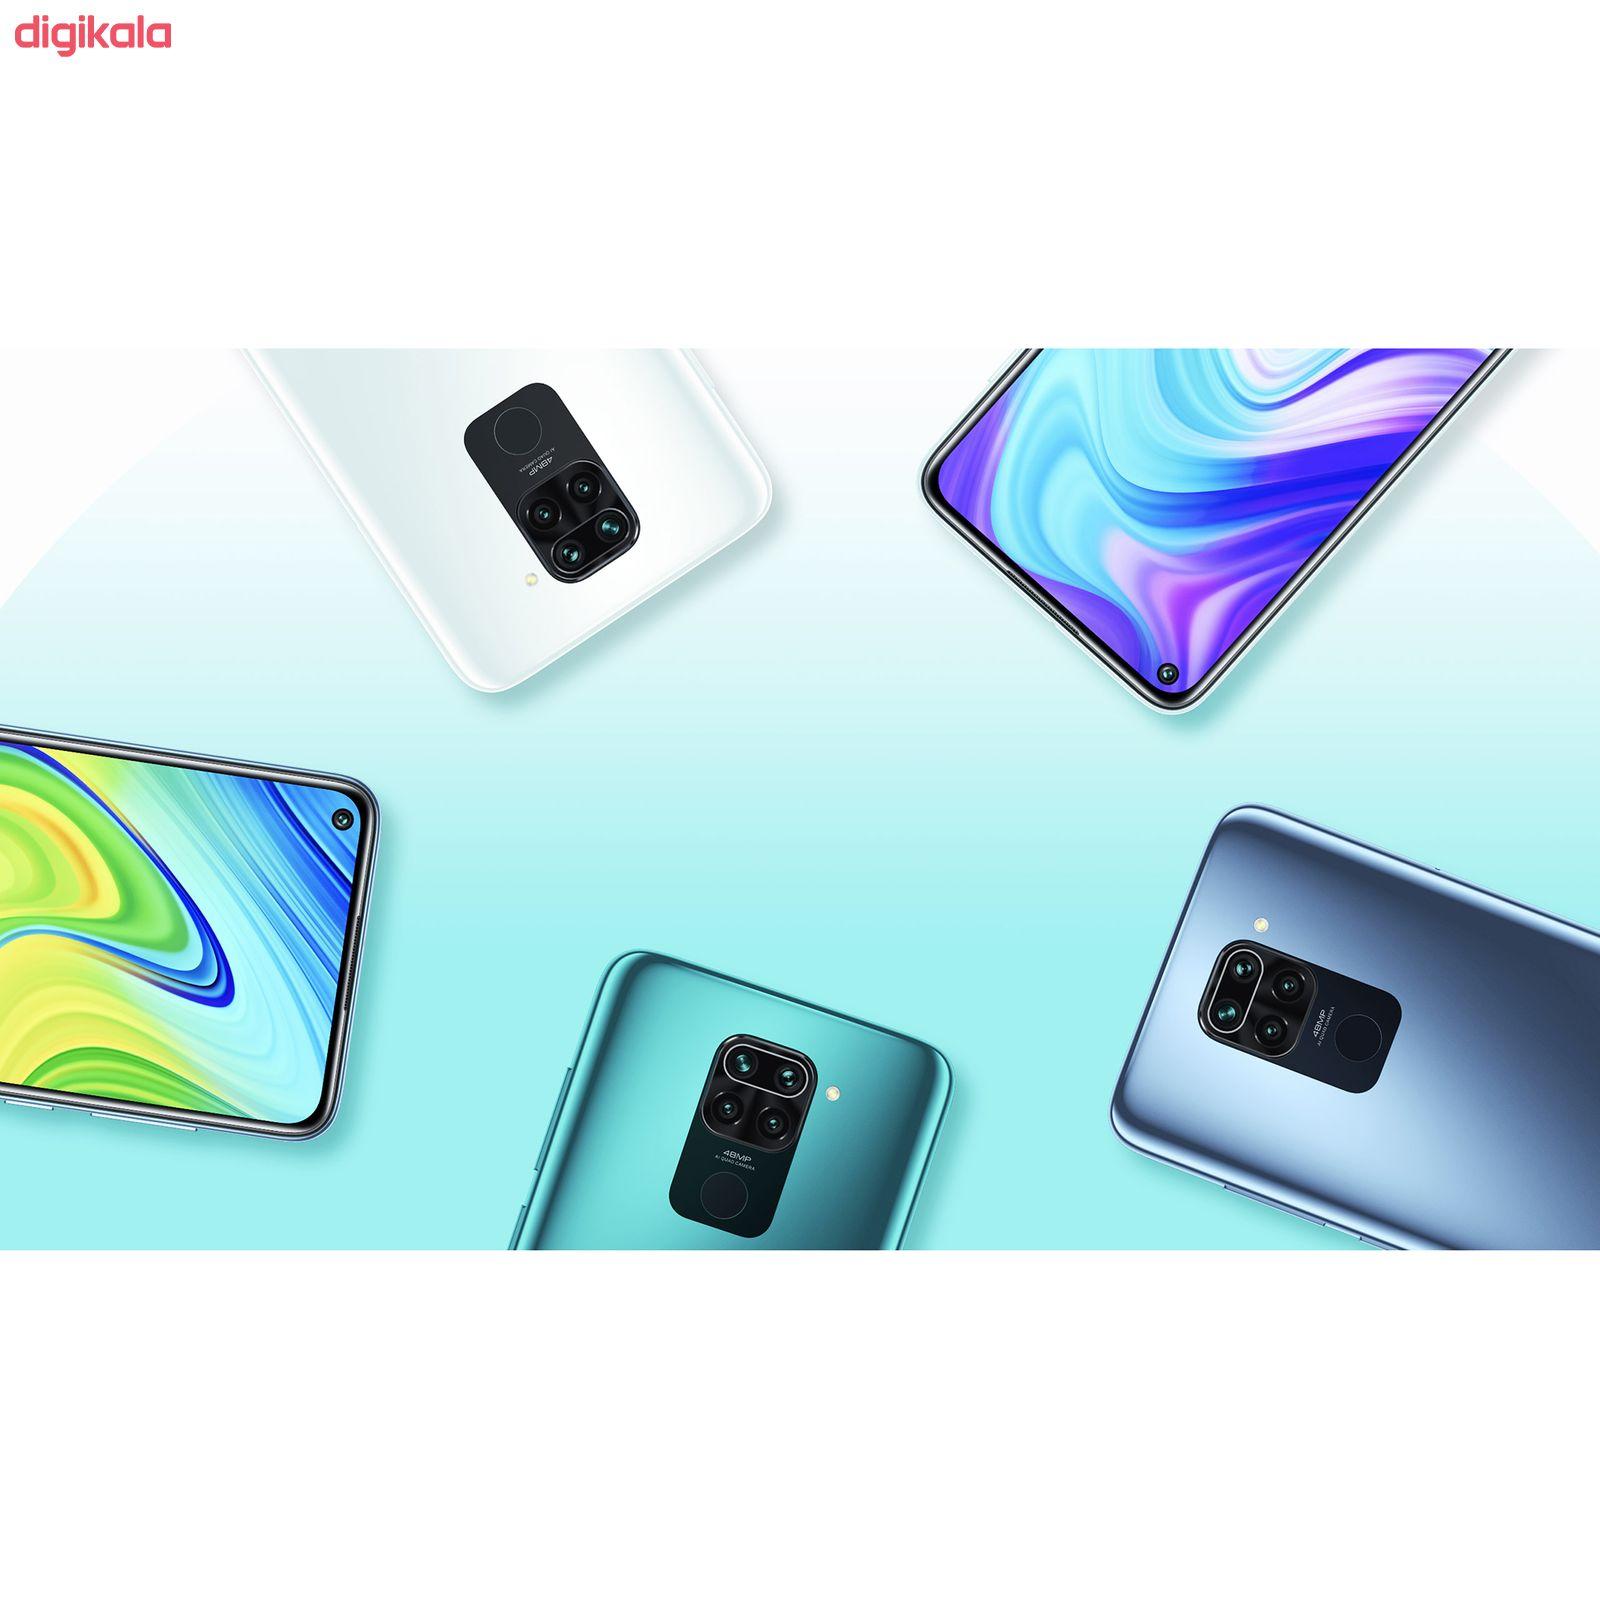 گوشی موبایل شیائومی مدل Redmi Note 9 M2003J15SG دو سیم کارت ظرفیت 128 گیگابایت و رم 4 گیگابایت main 1 4